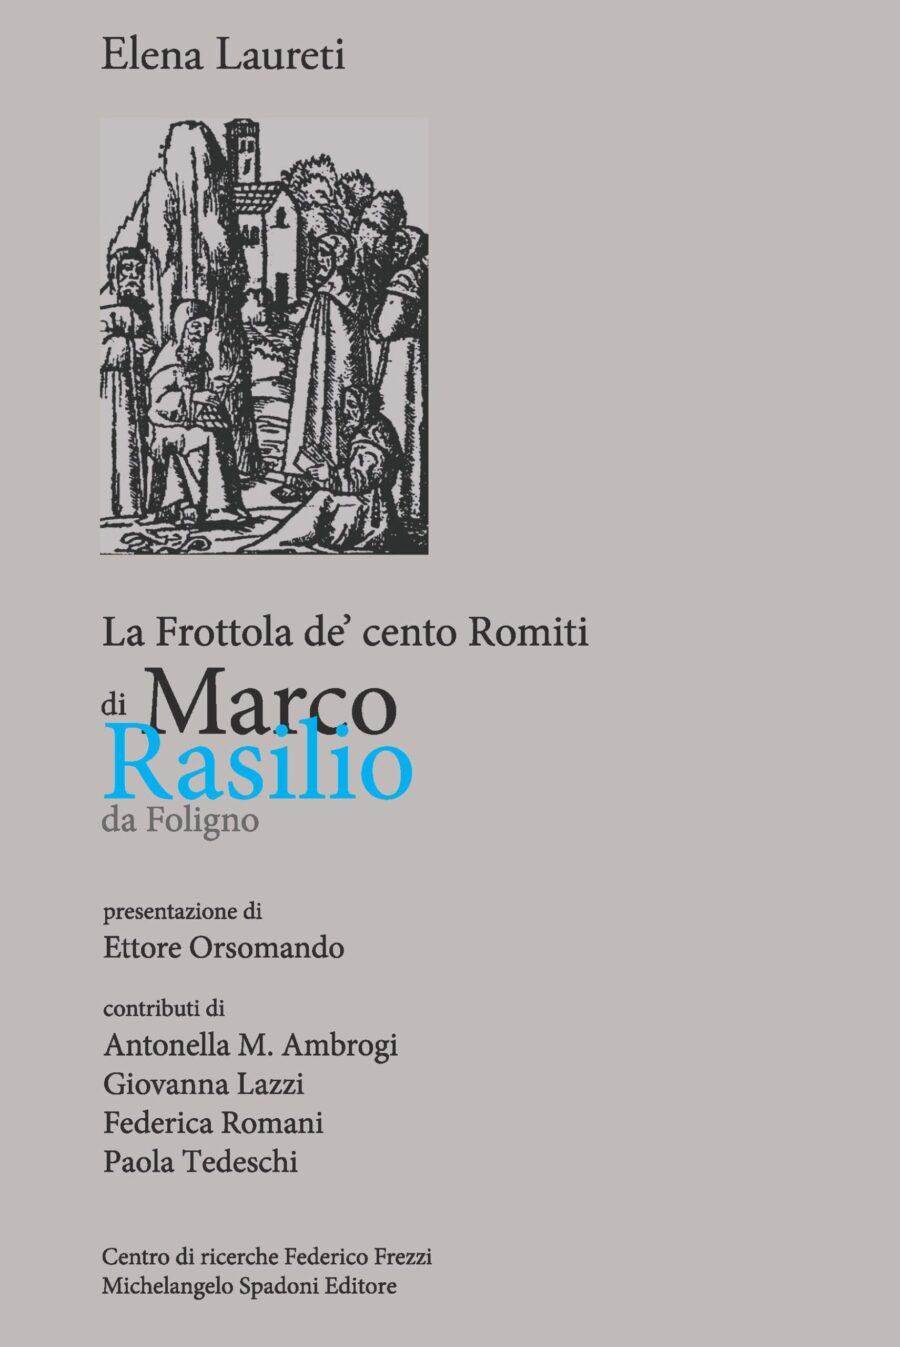 Un libro. Un personaggio:Marco Rasilio